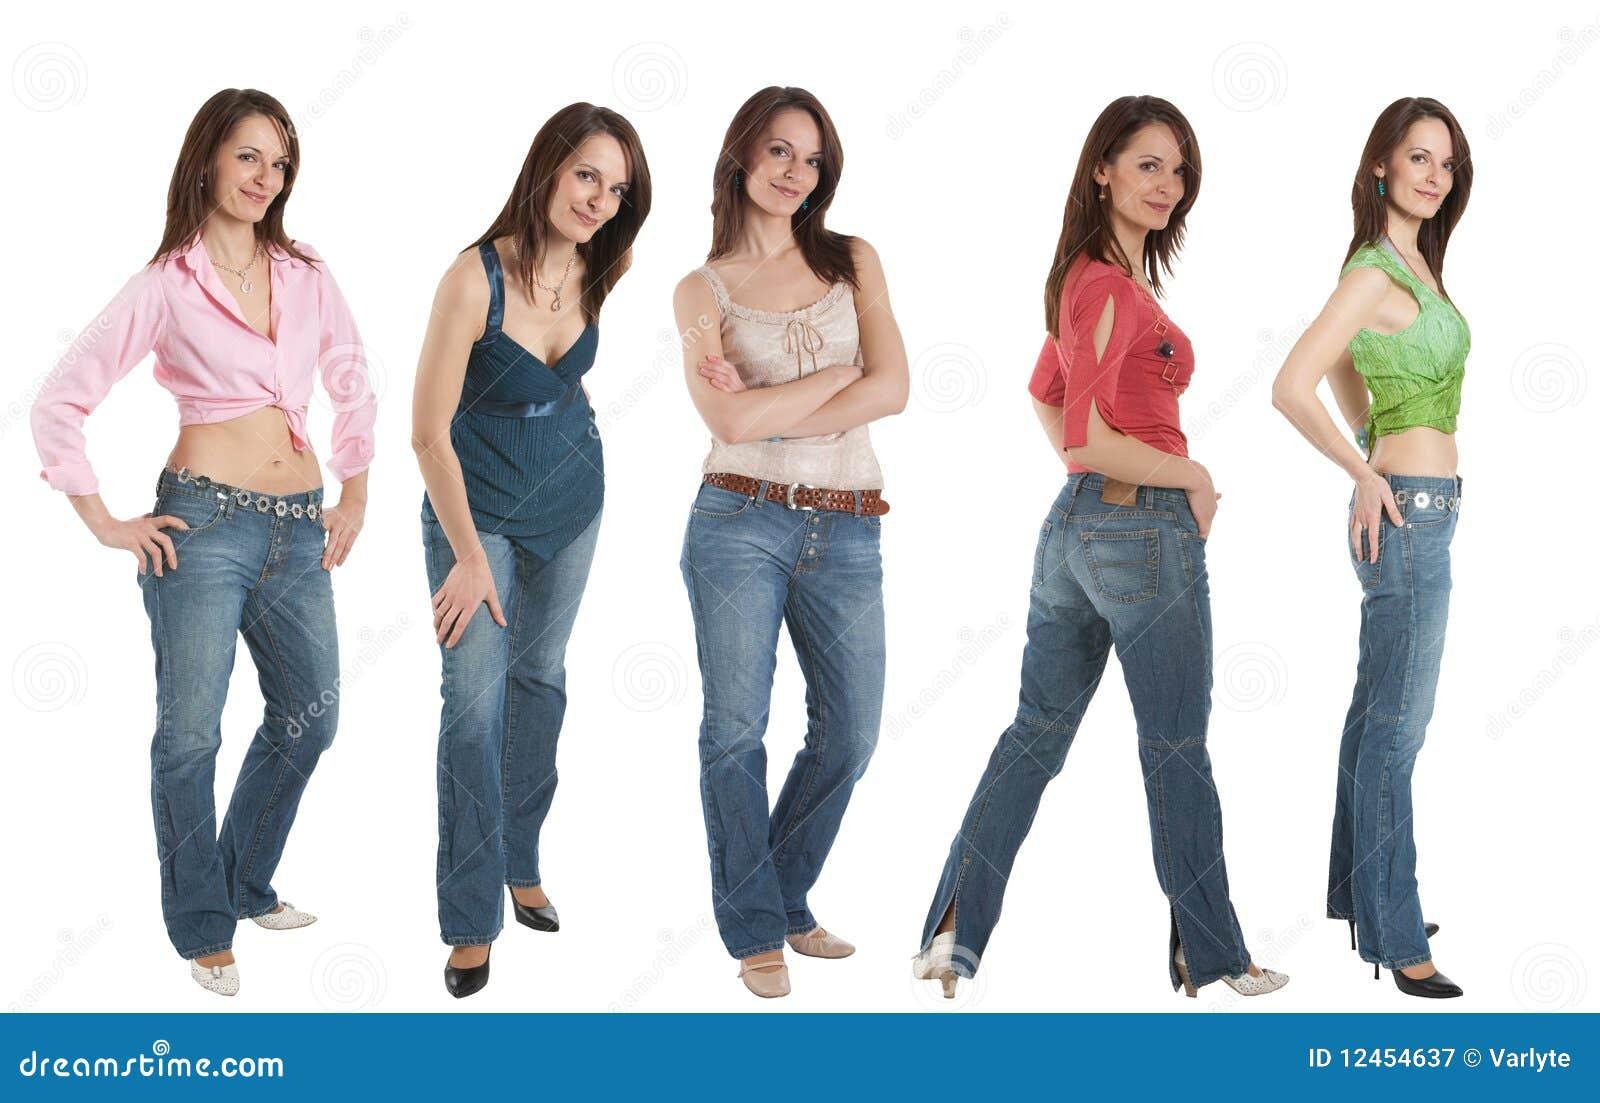 Mulher nova nas calças de brim e em várias partes superiores, cinco poses,